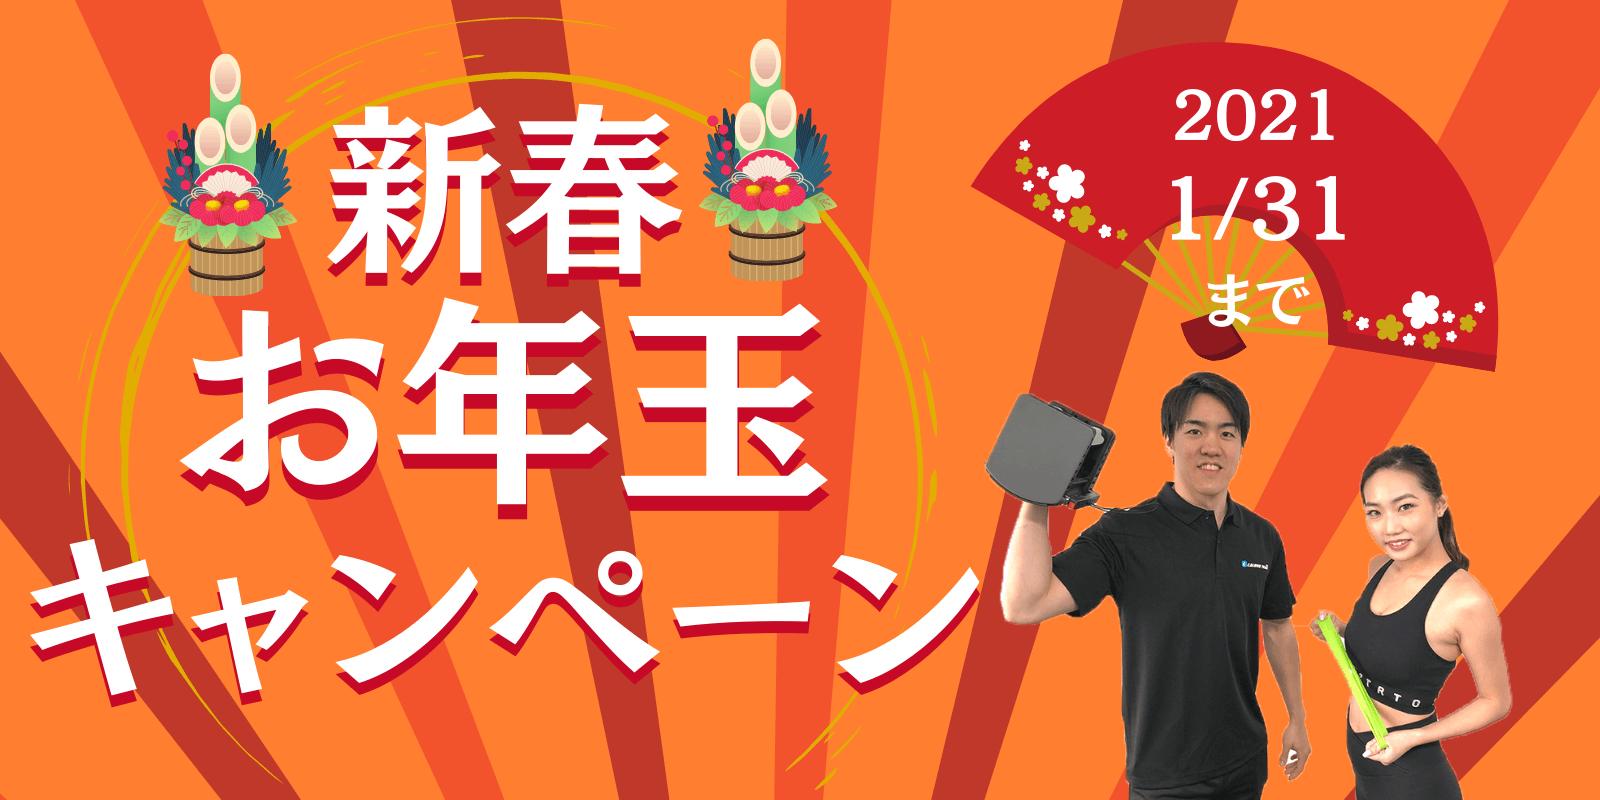 お年玉キャンペーン実施中!!